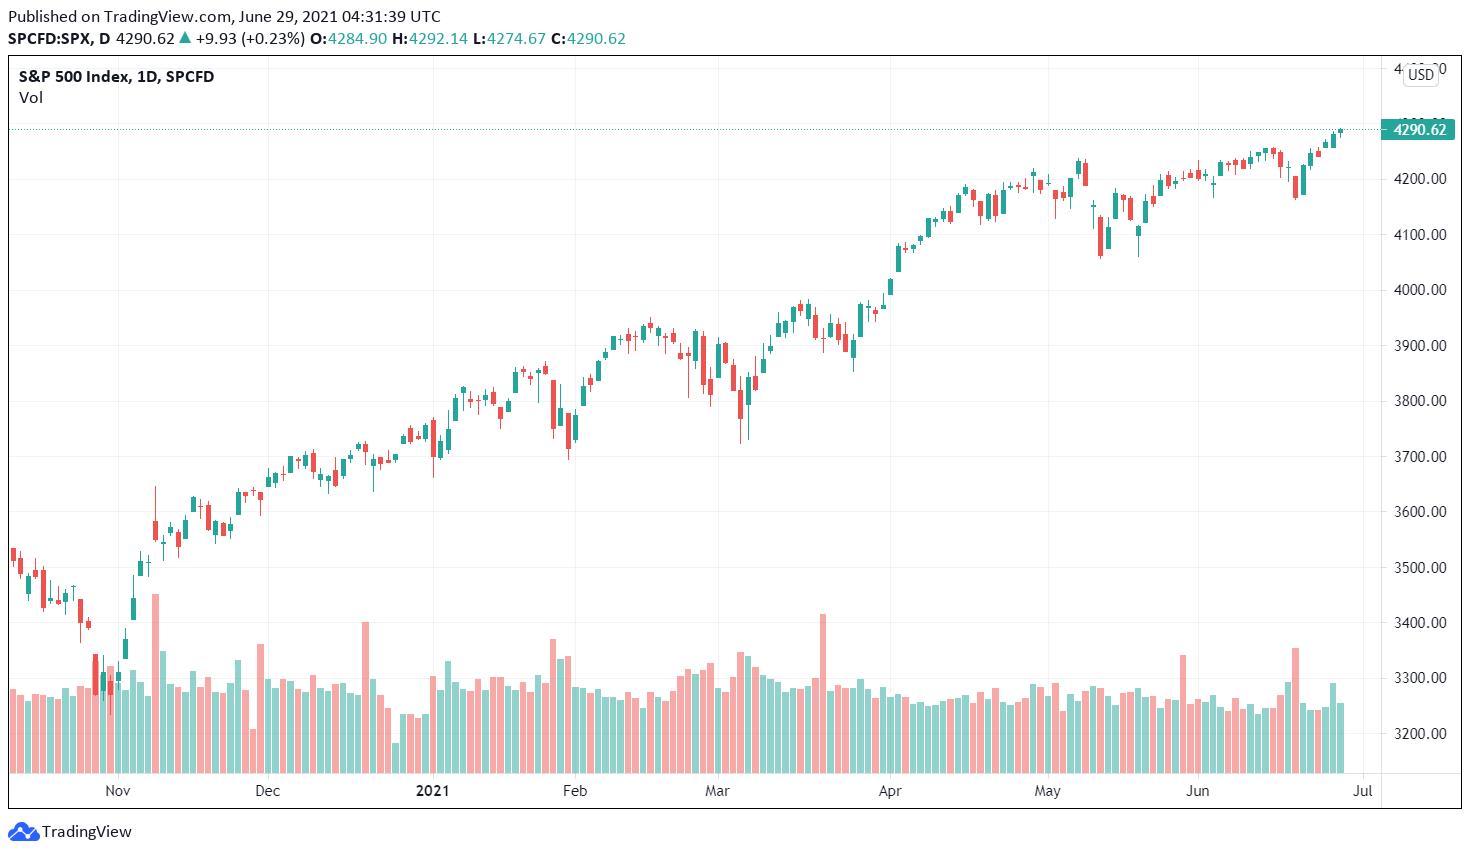 SP 500 NASDAQ